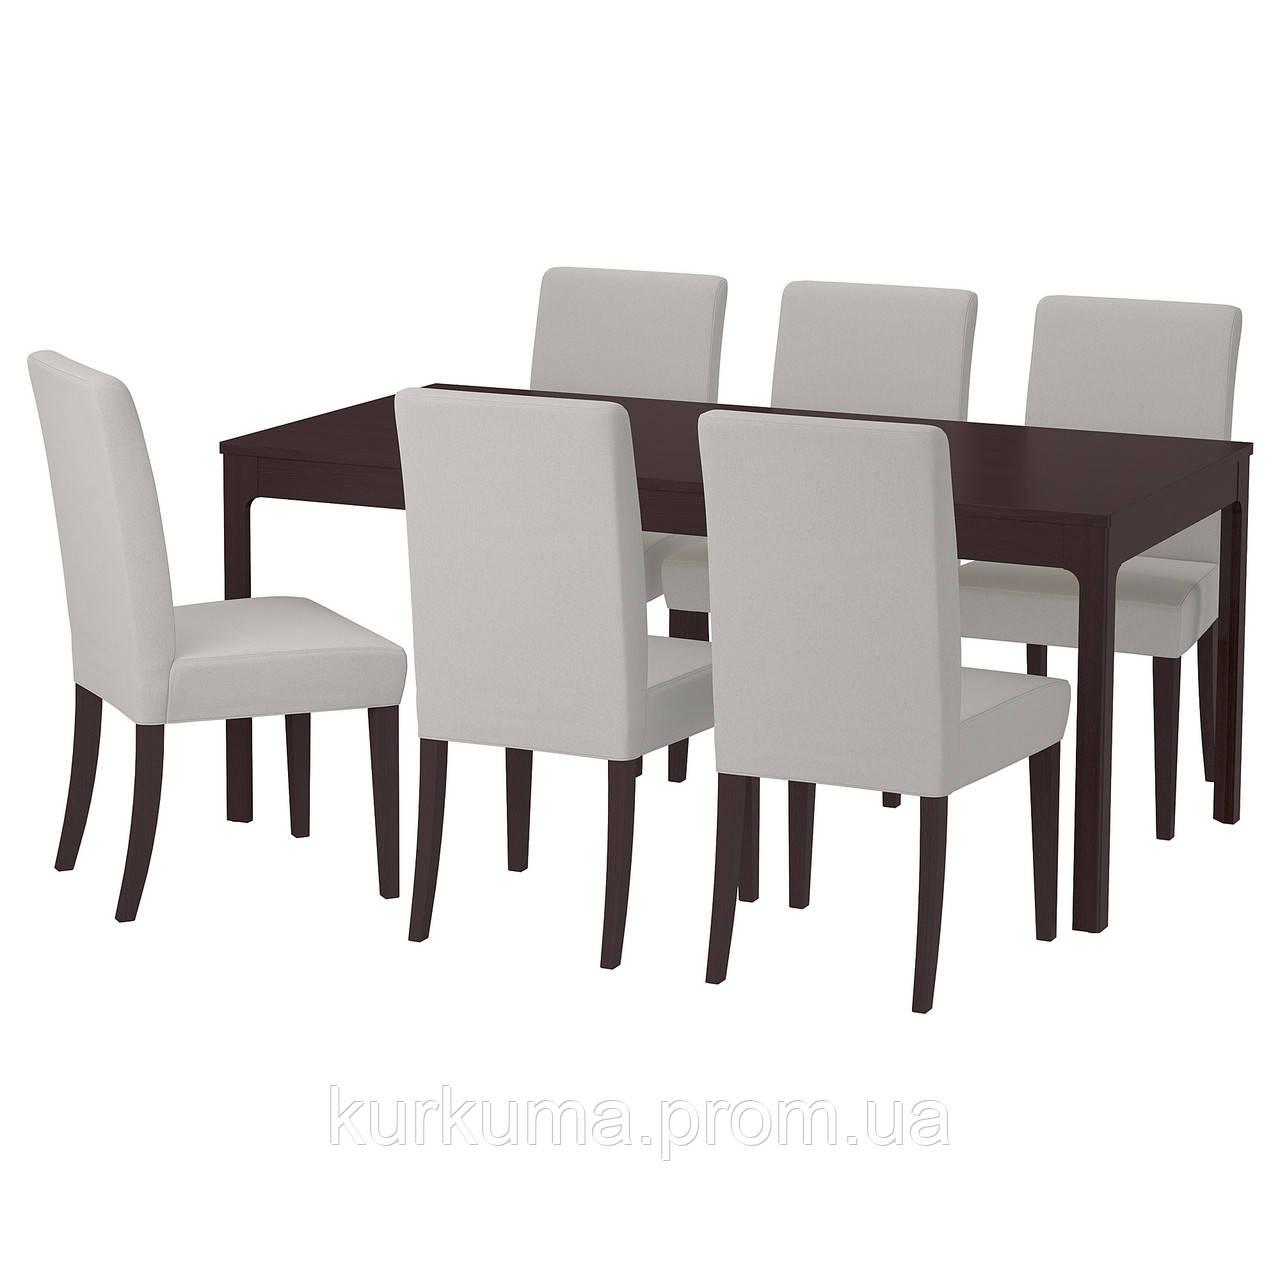 IKEA EKEDALEN/HENRIKSDAL Стол и 6 стульев, темно-коричневый, Оррста светло-серый  (492.292.61)